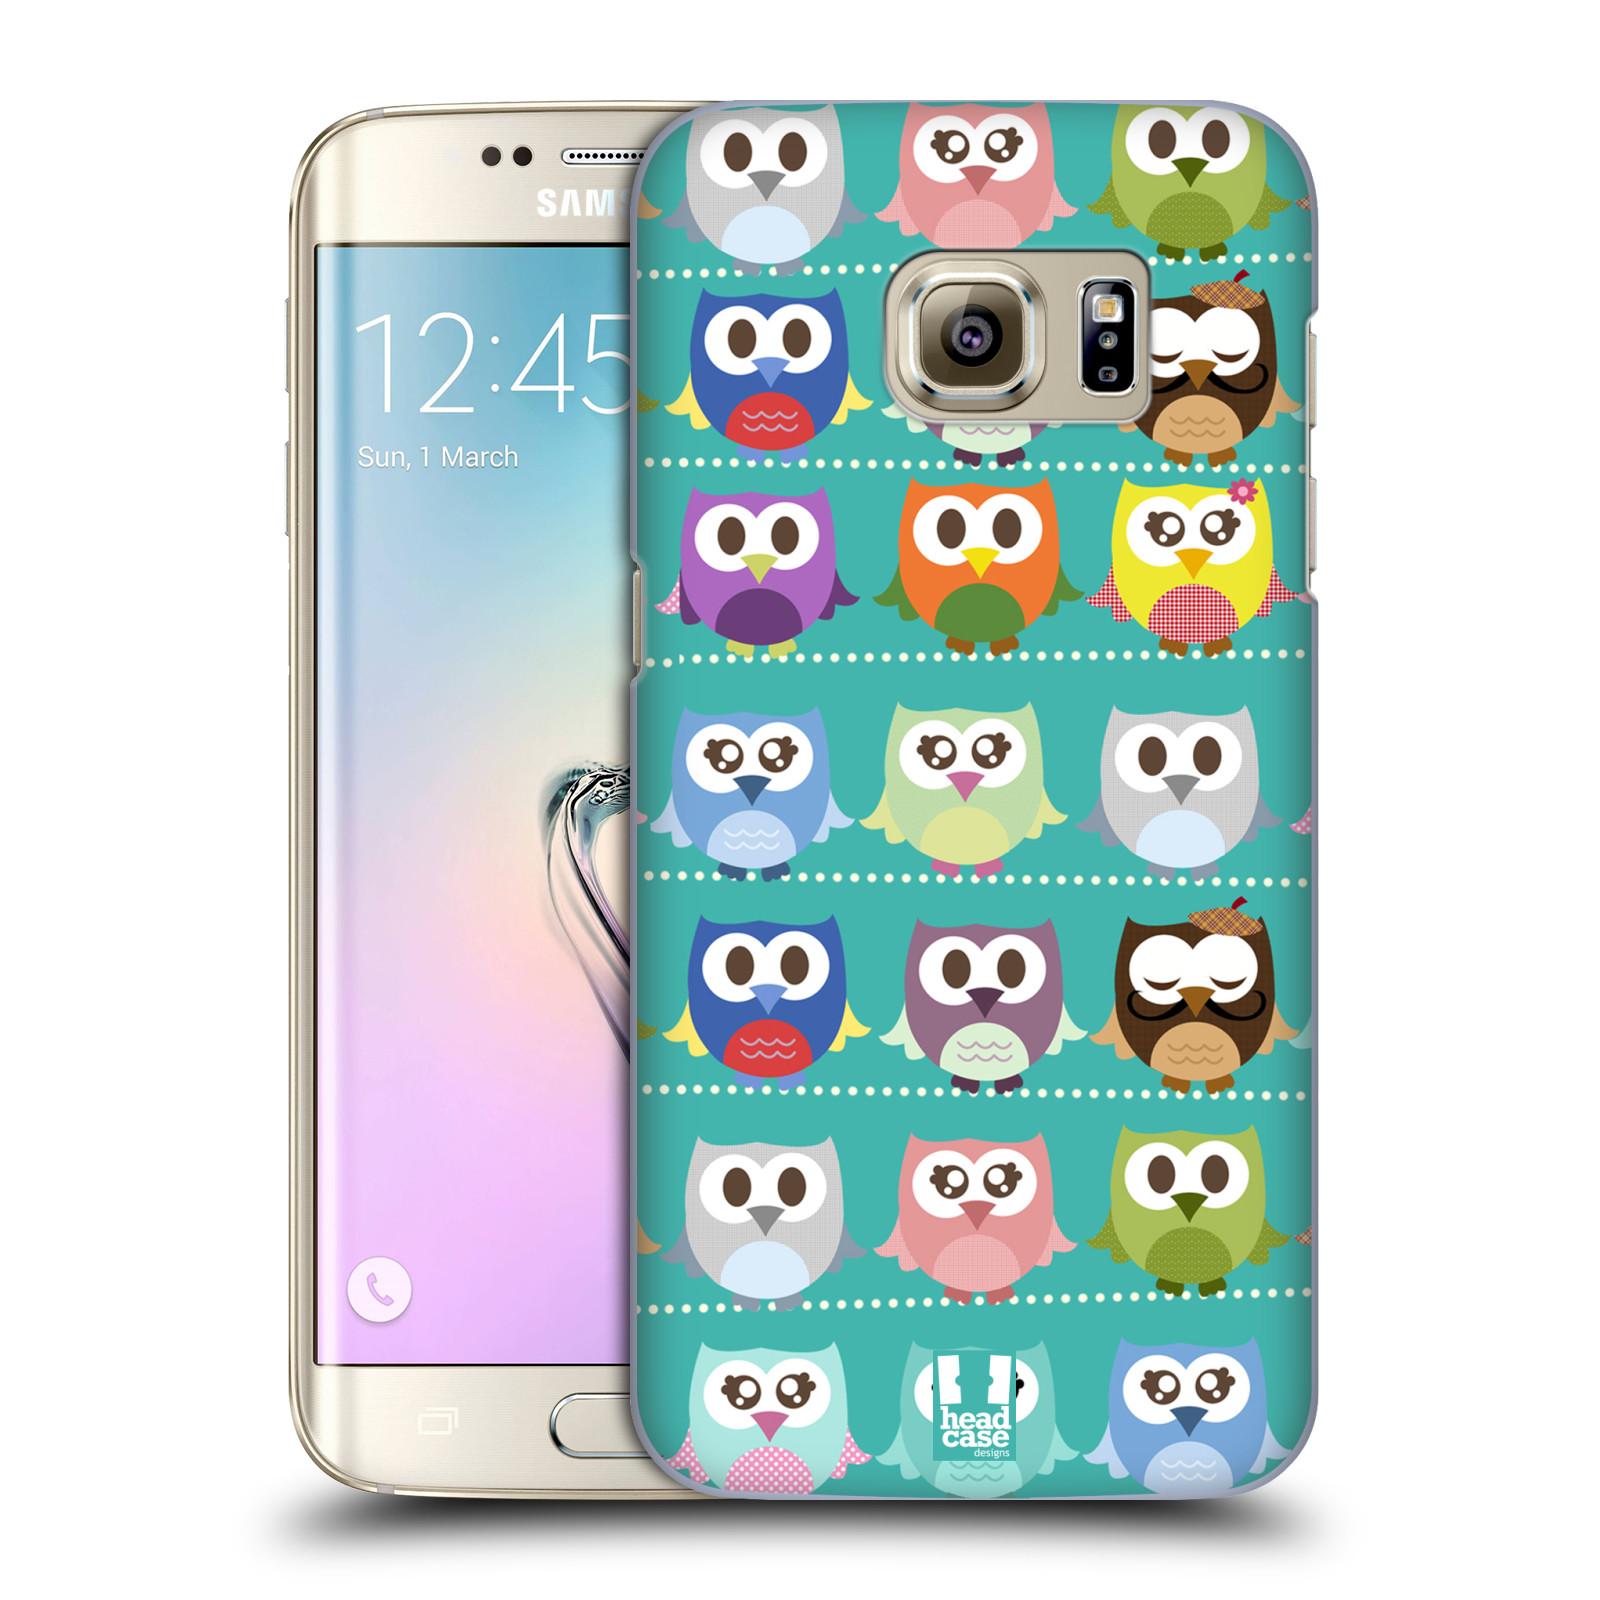 Plastové pouzdro na mobil Samsung Galaxy S7 Edge HEAD CASE SOVIČKY ZELENÉ (Kryt či obal na mobilní telefon Samsung Galaxy S7 Edge SM-G935F)